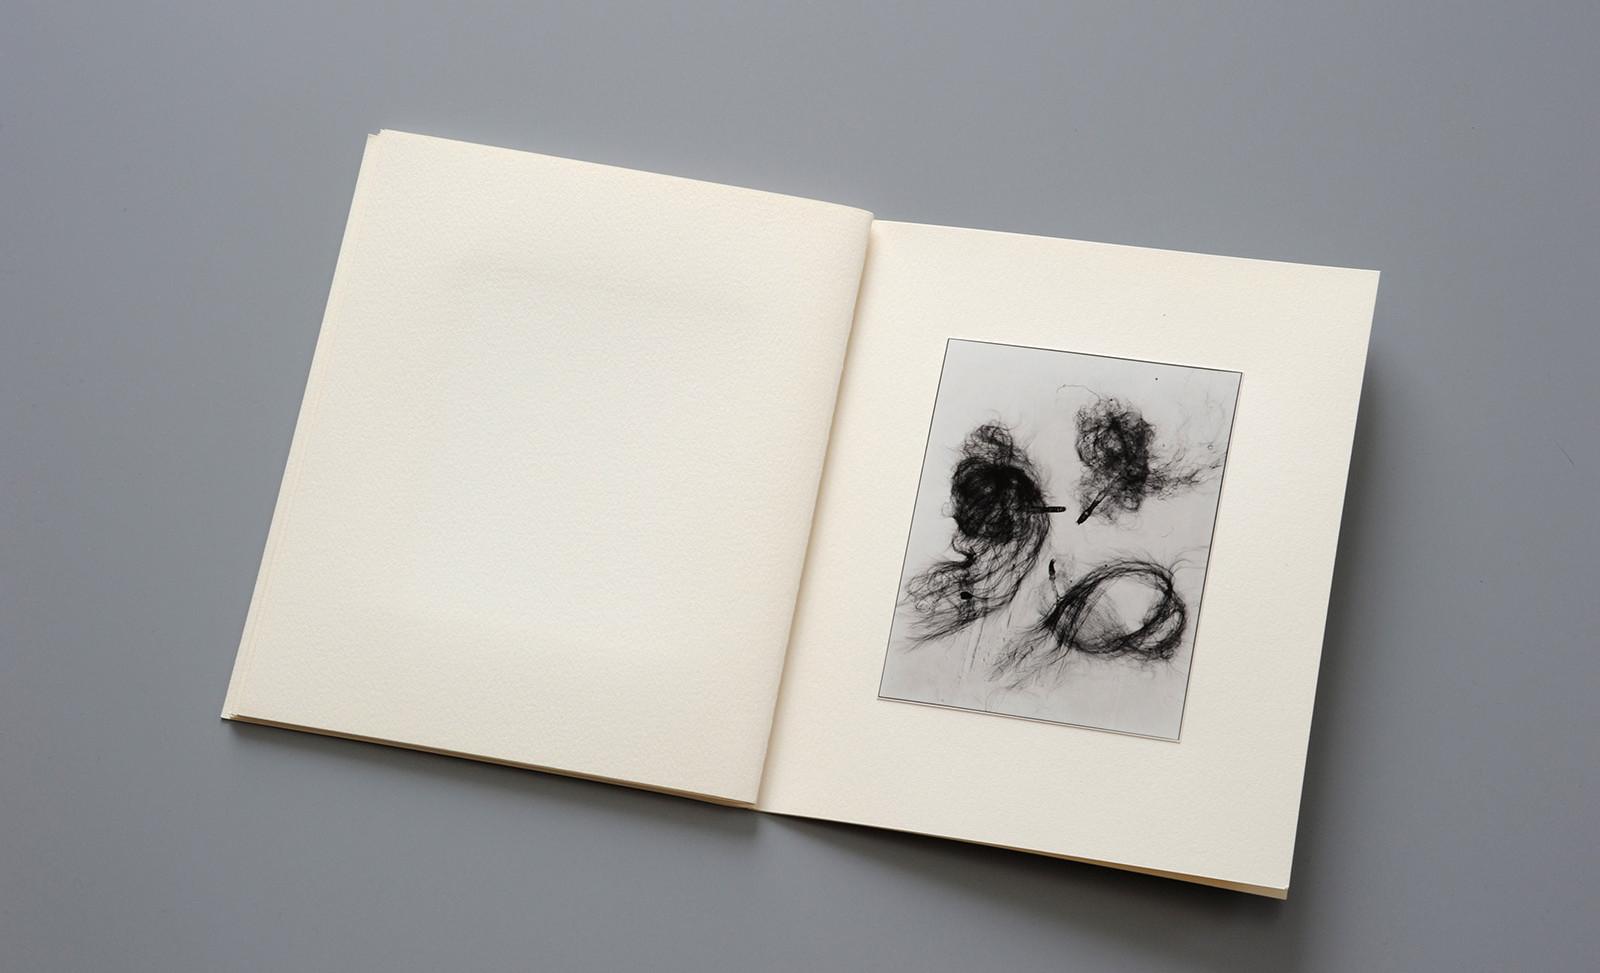 ポートフォリオ「Photogenic Drawings」|西村陽一郎